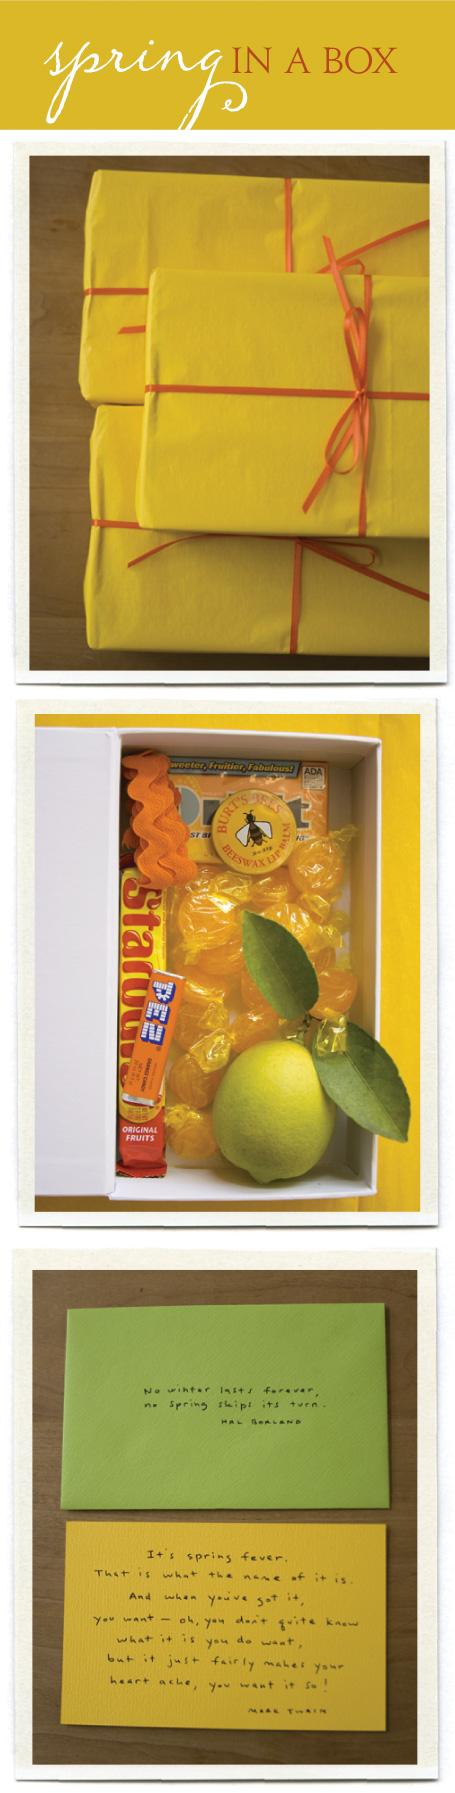 boxofspring1